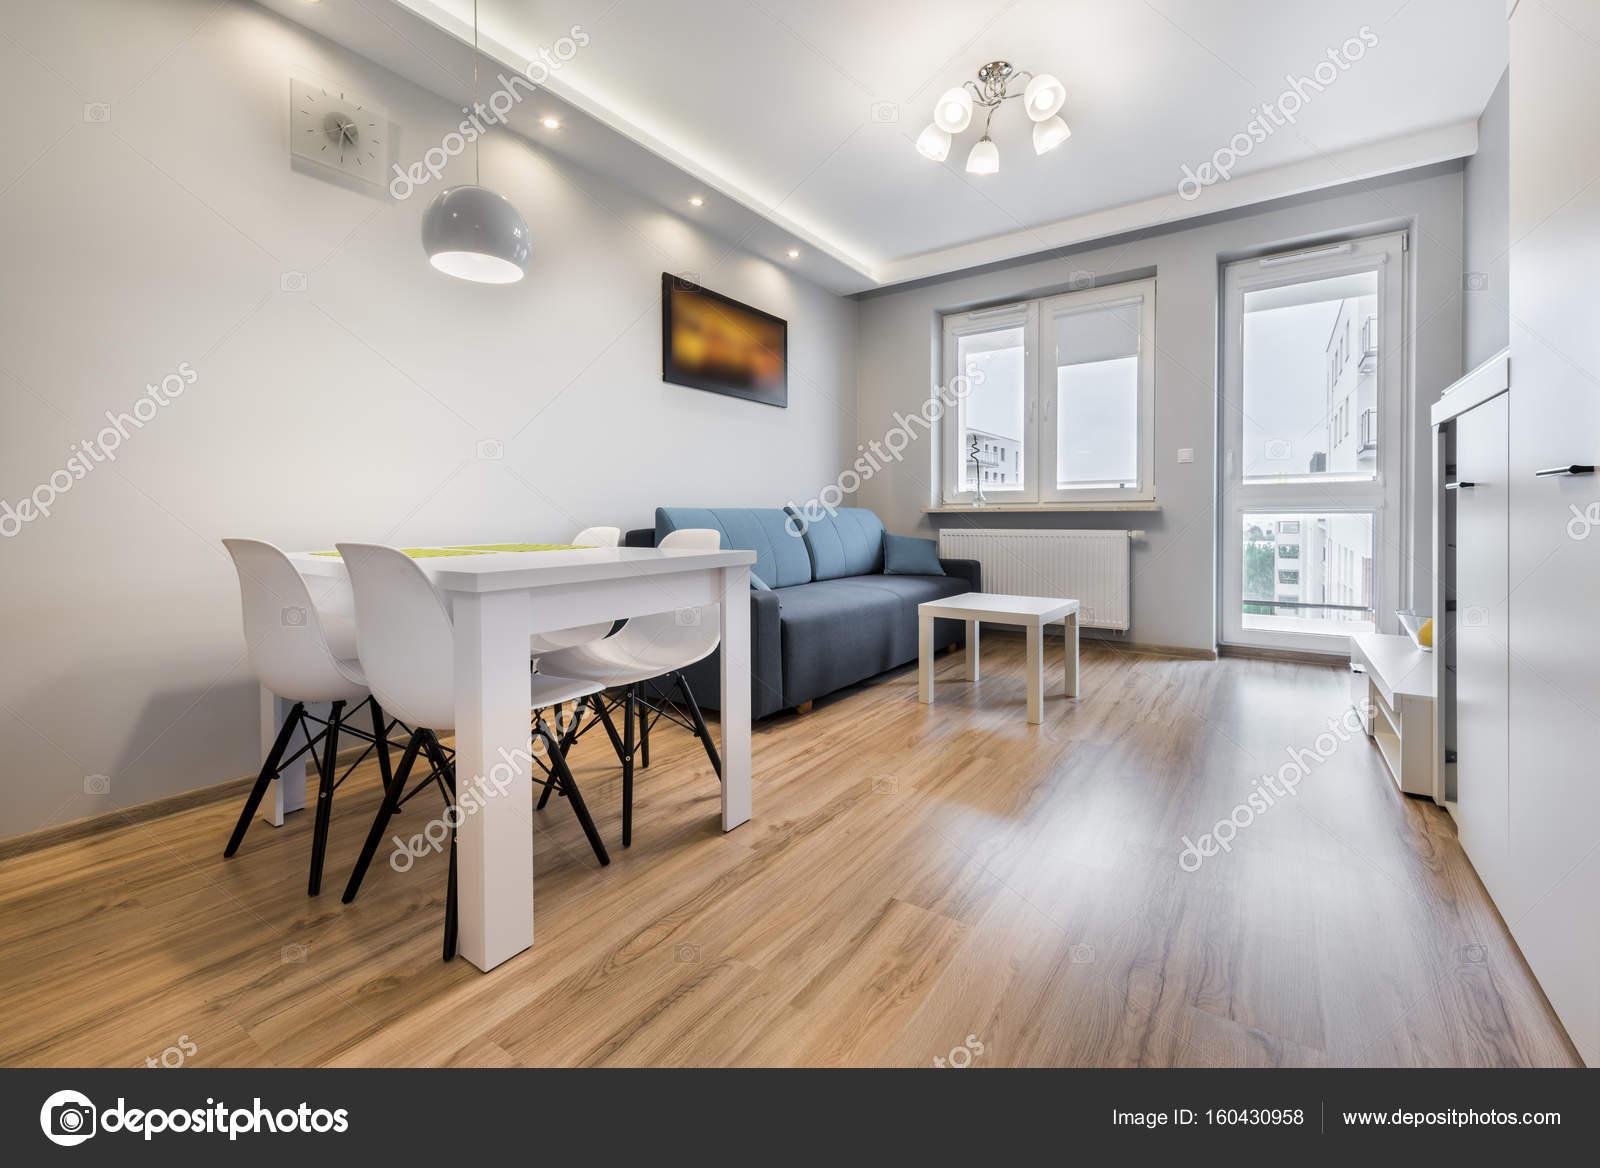 Moderne woonkamer met grijze wanden — Stockfoto © jacek_kadaj #160430958